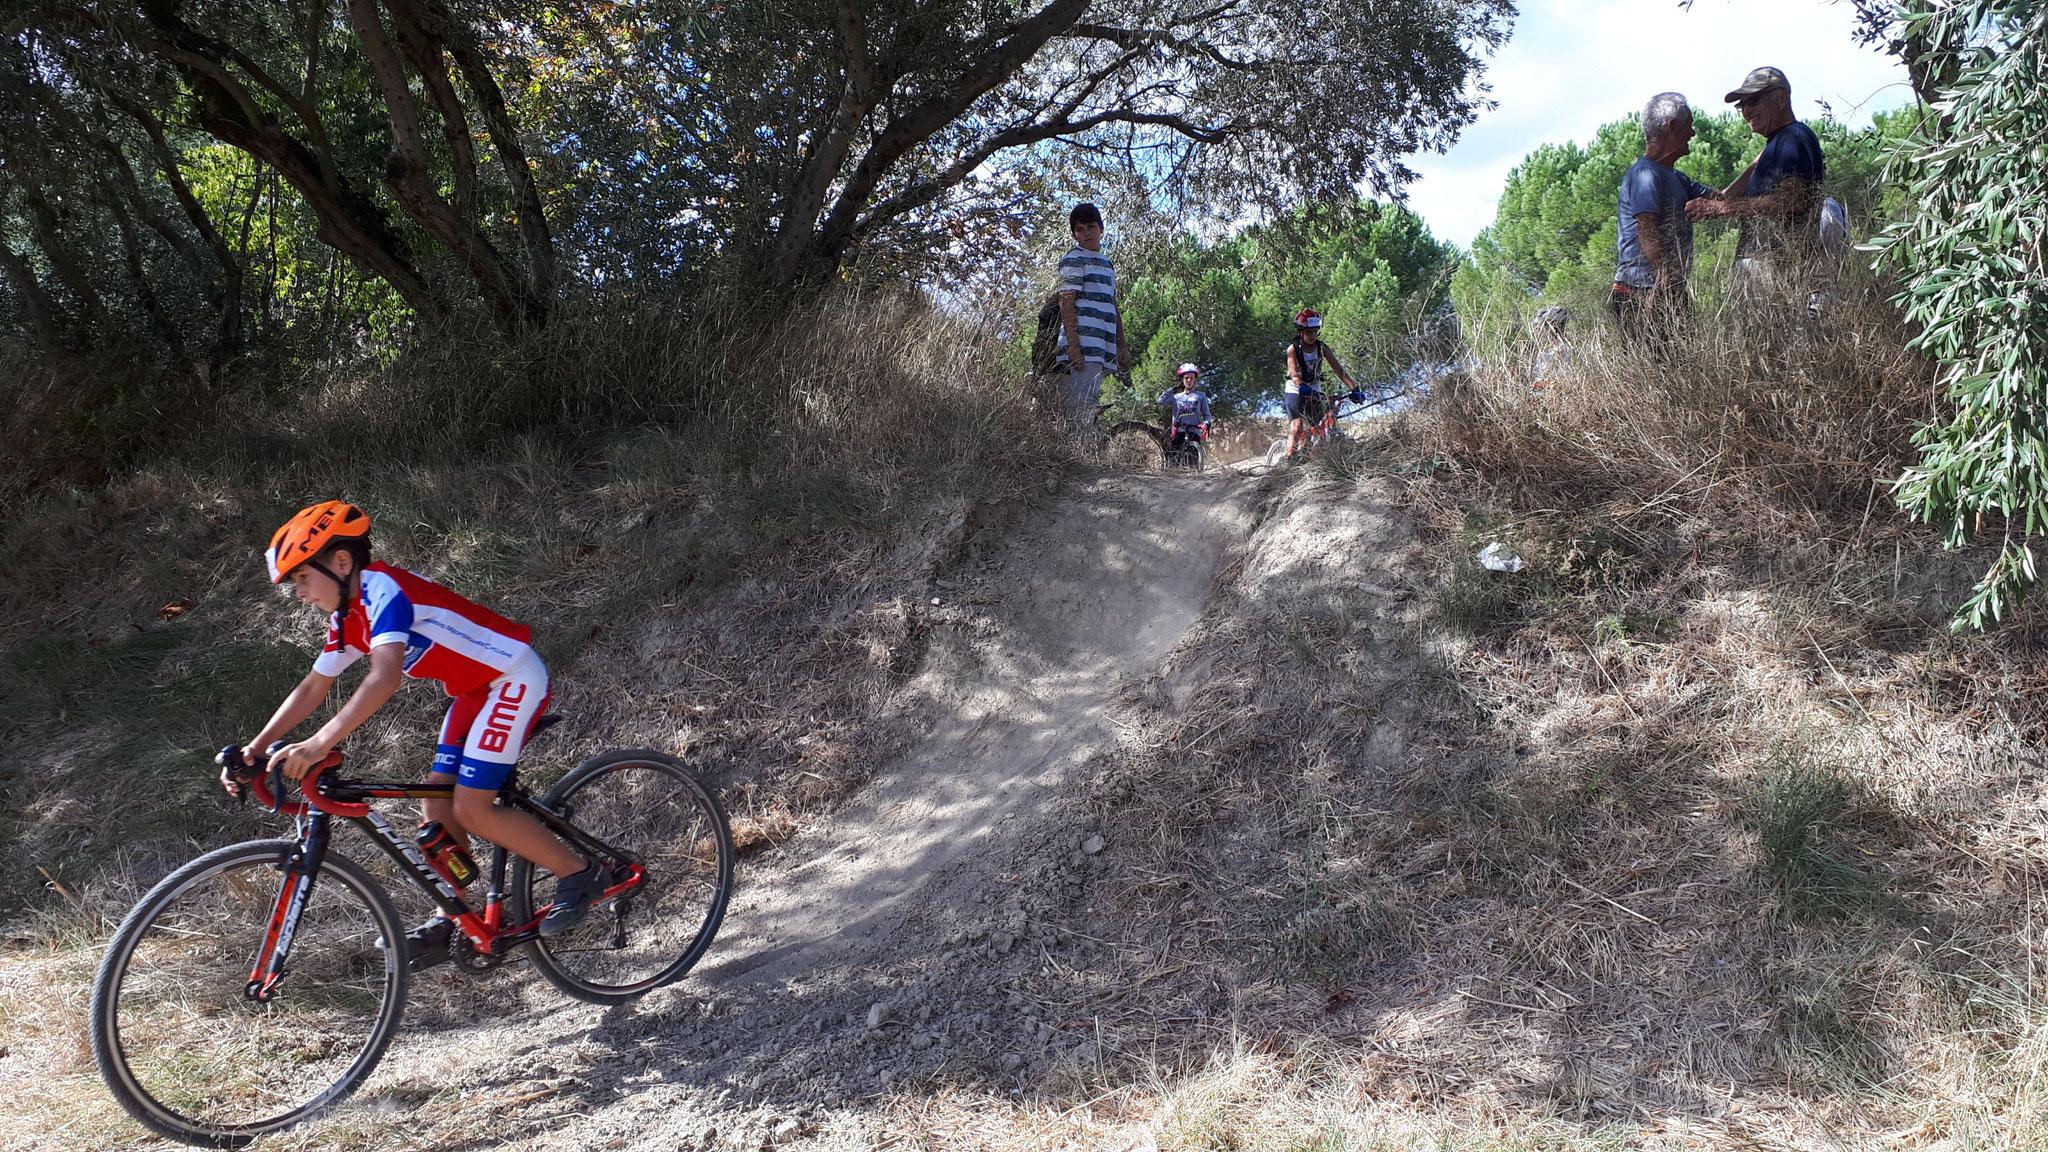 26.09.18 : 1er cours de l'Ecole de cyclisme.